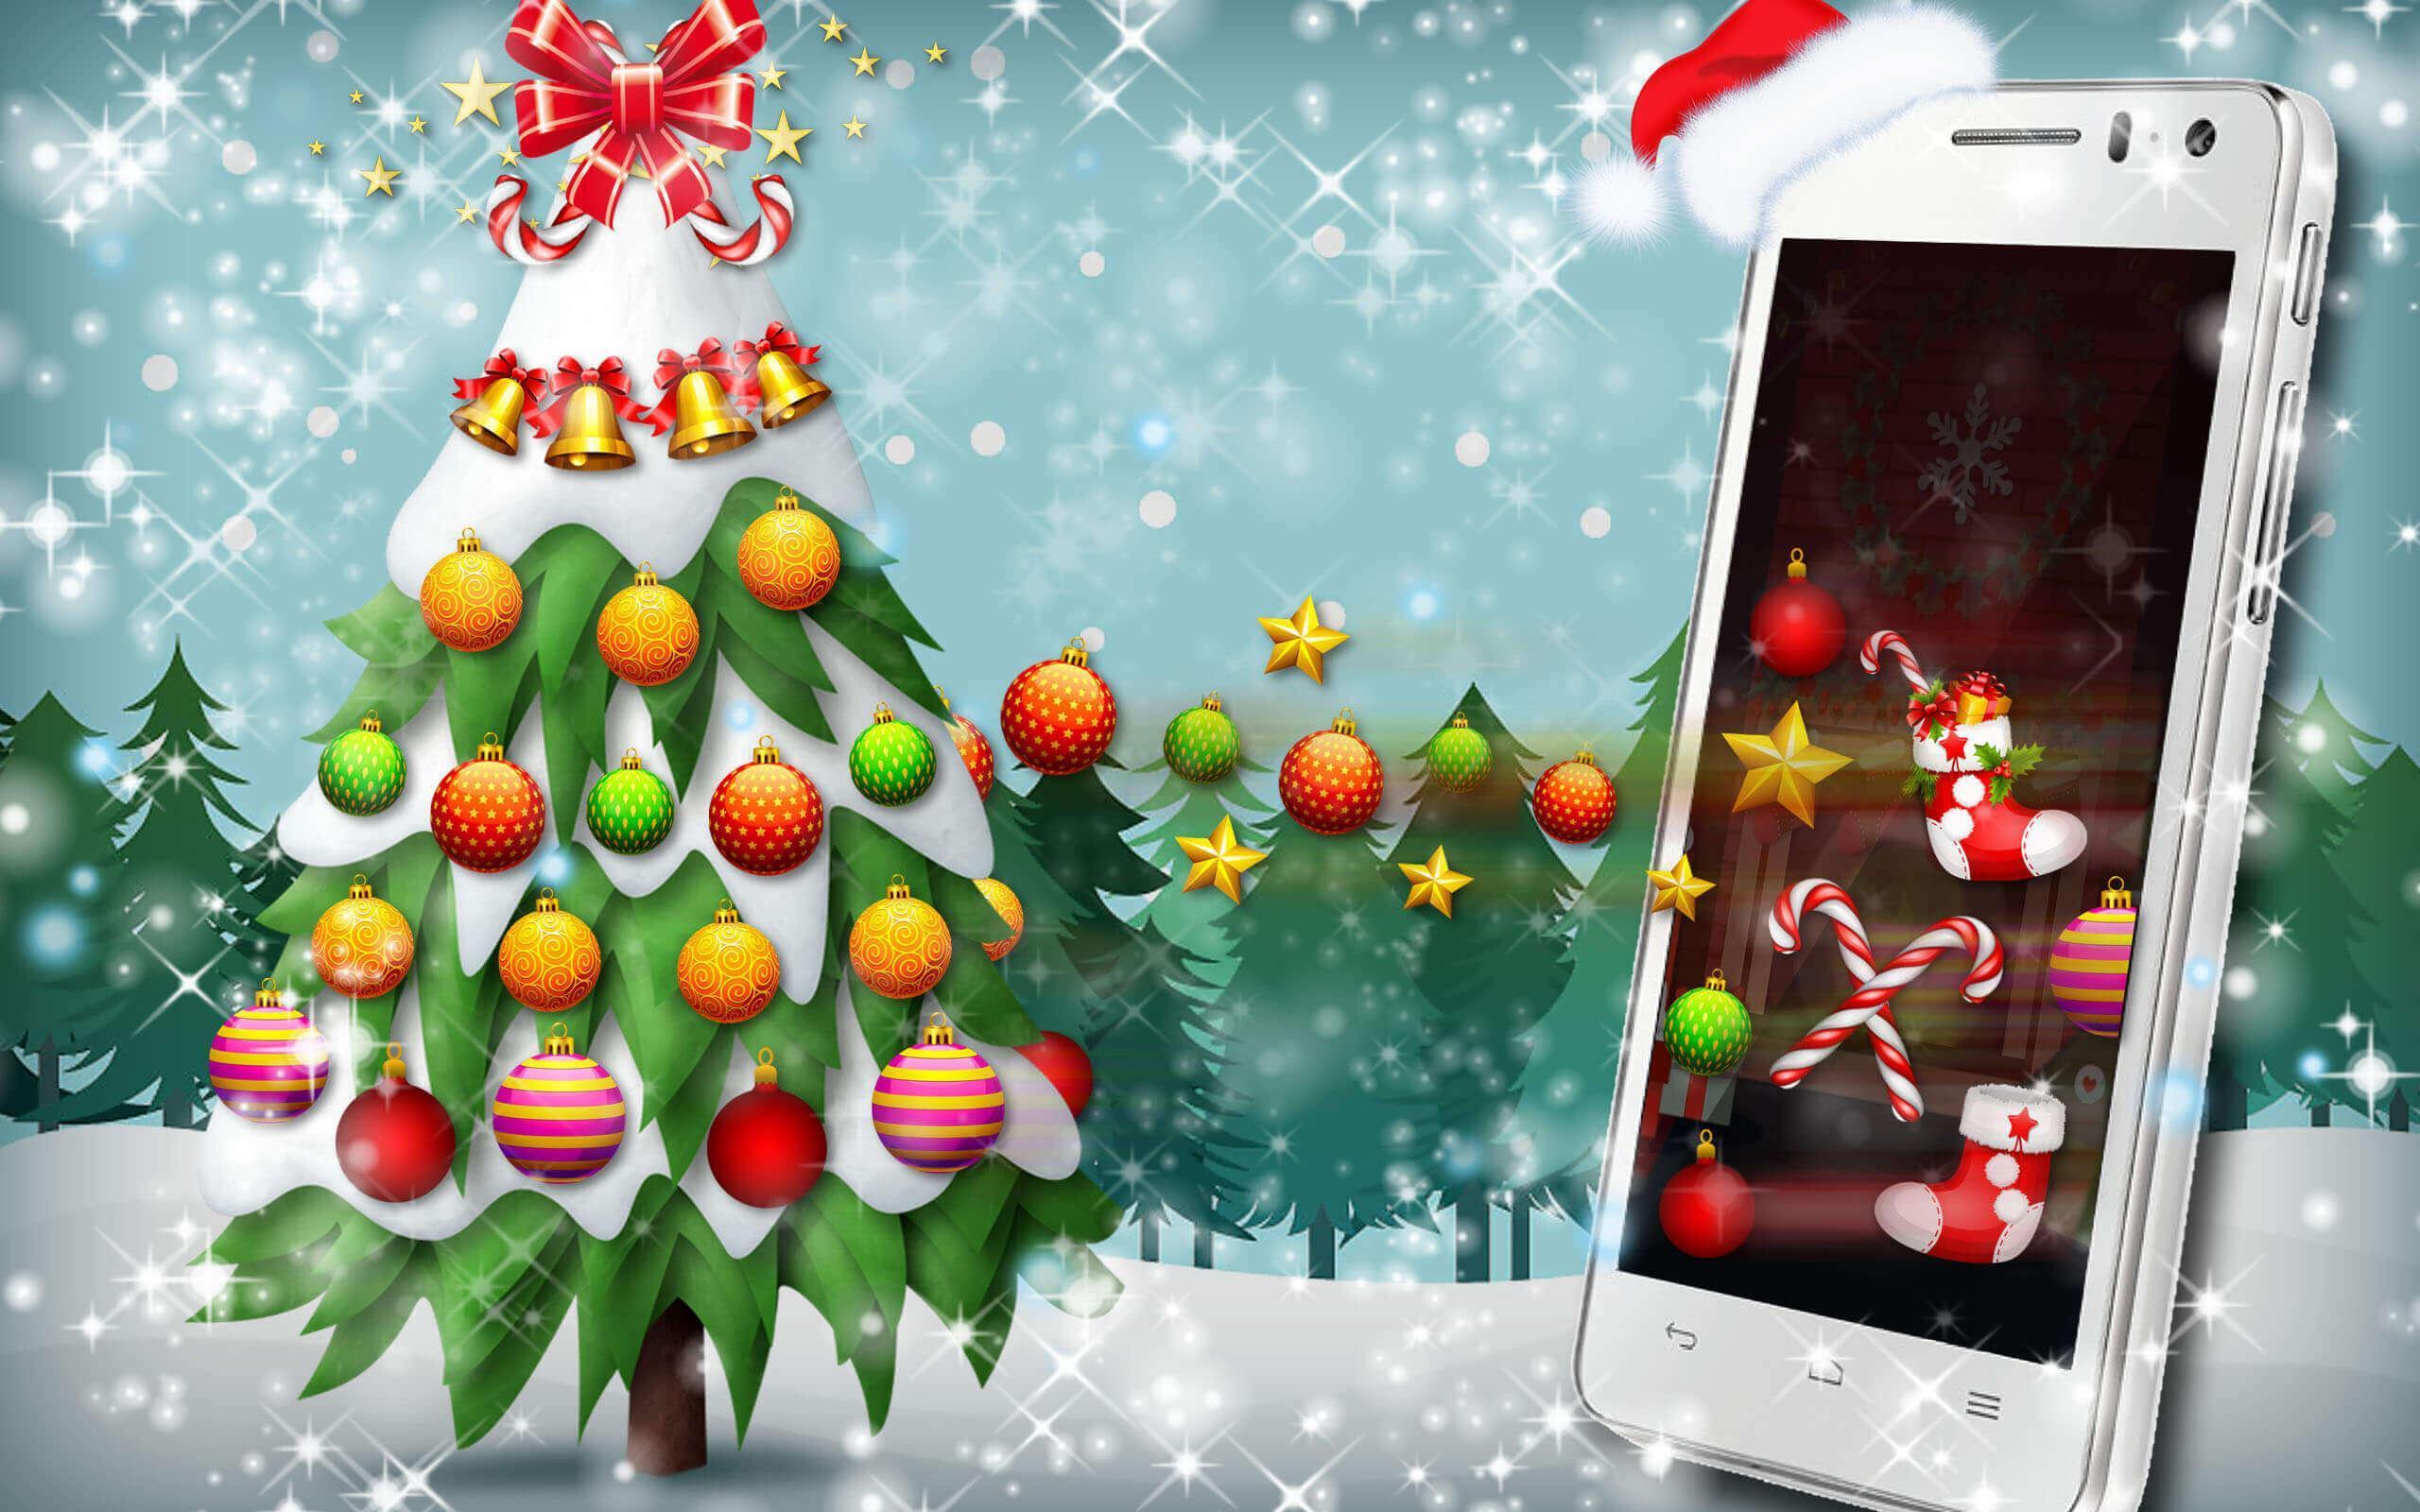 Weihnachtsbaum Spiele.Weihnachtsbaum Schmücken Dekoration Spiele Für Android Apk